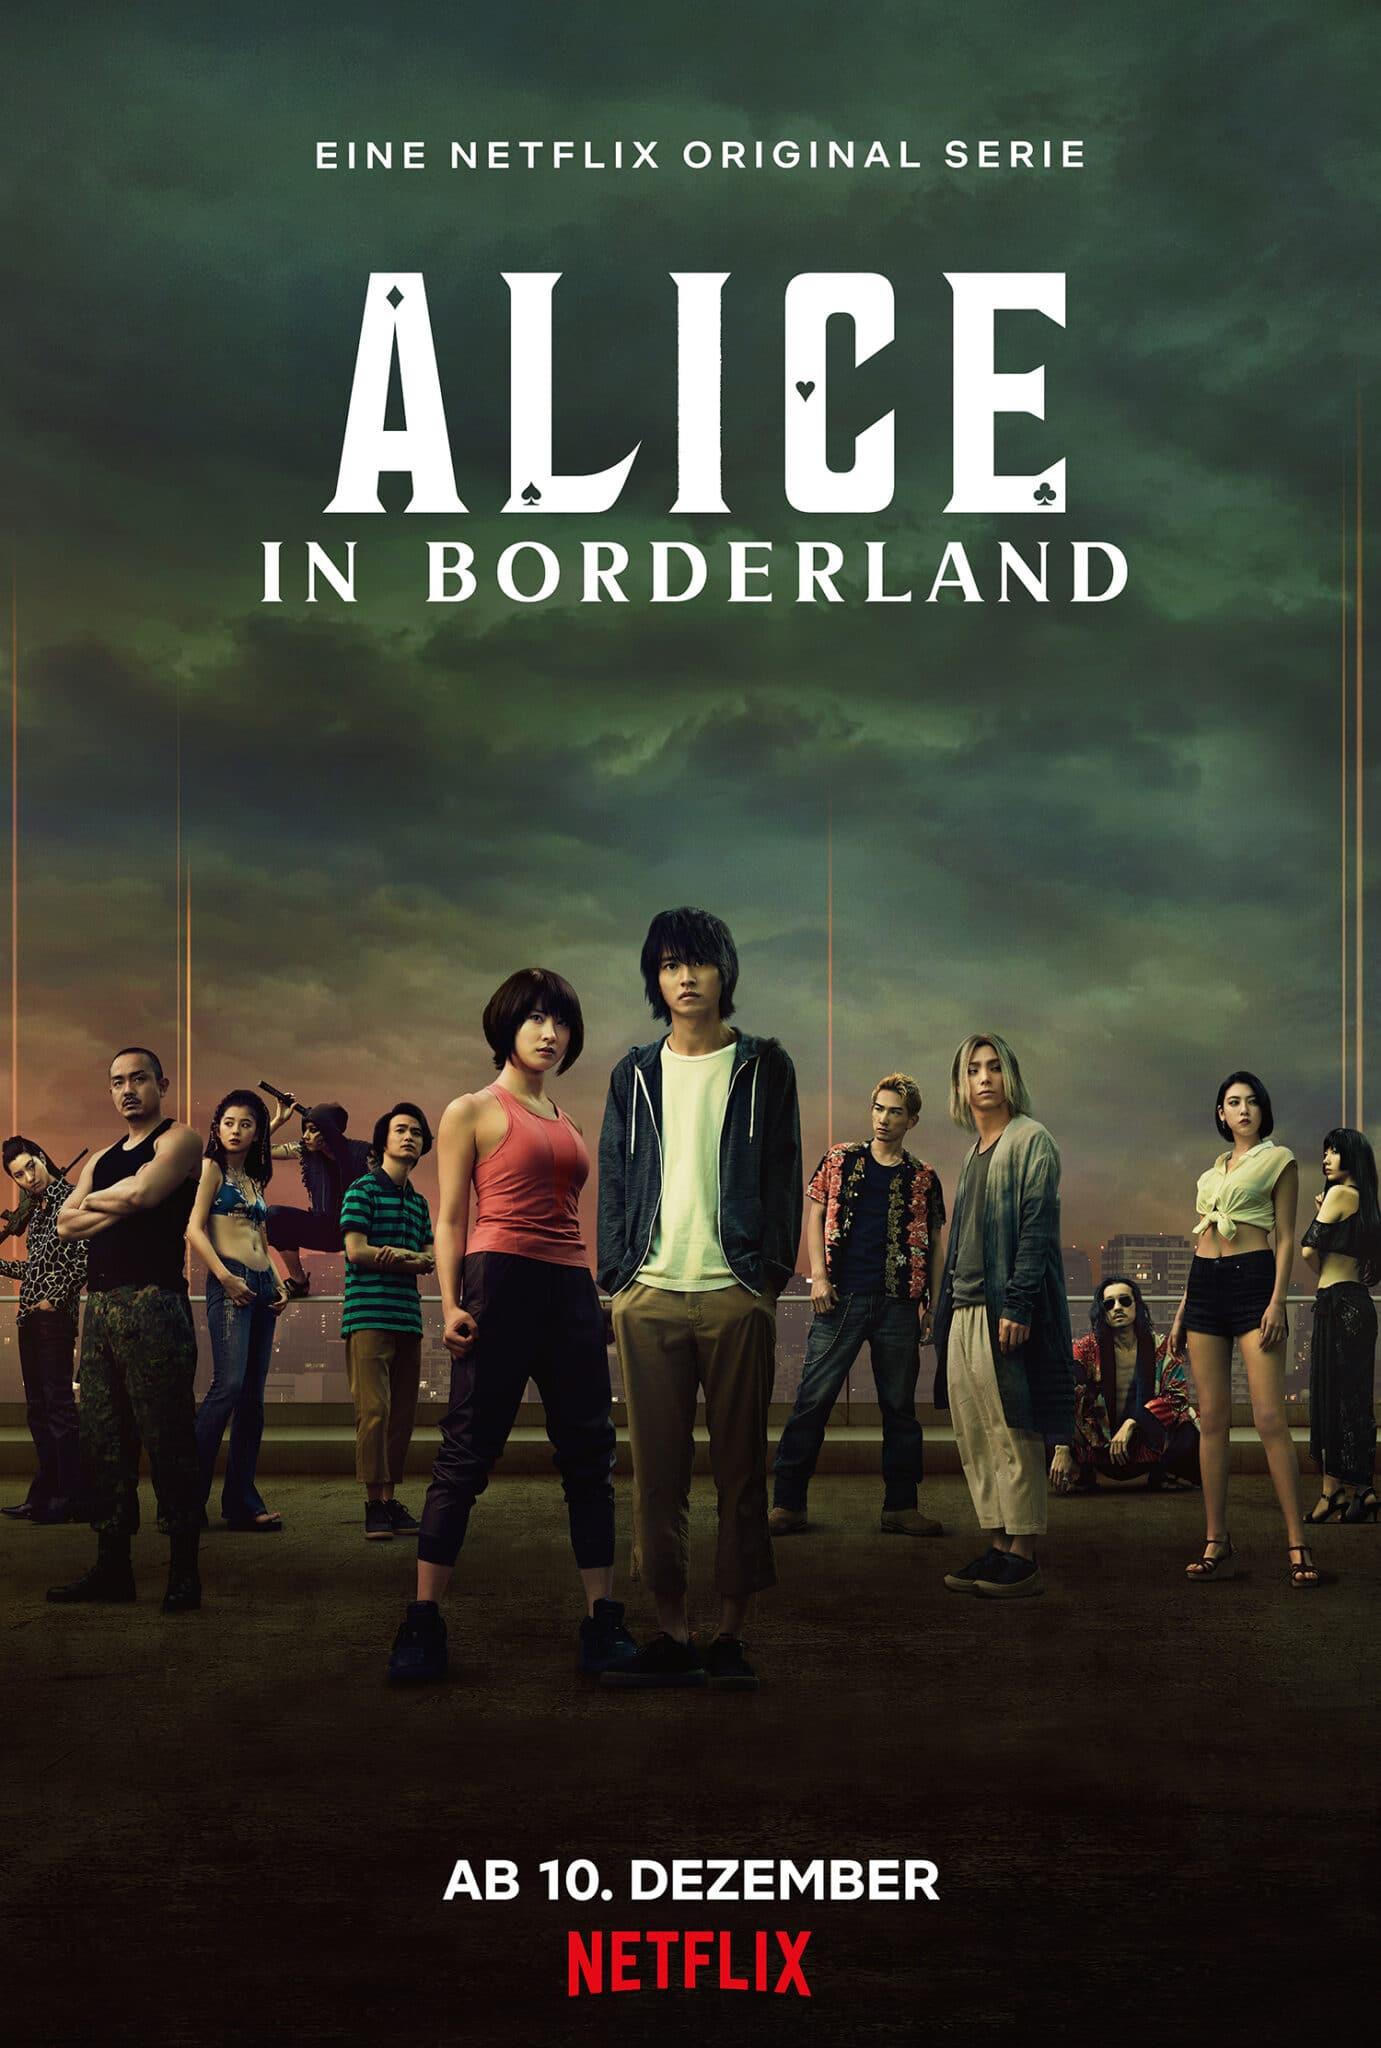 Das deutsche Plakat der Serie Alice in Borderland